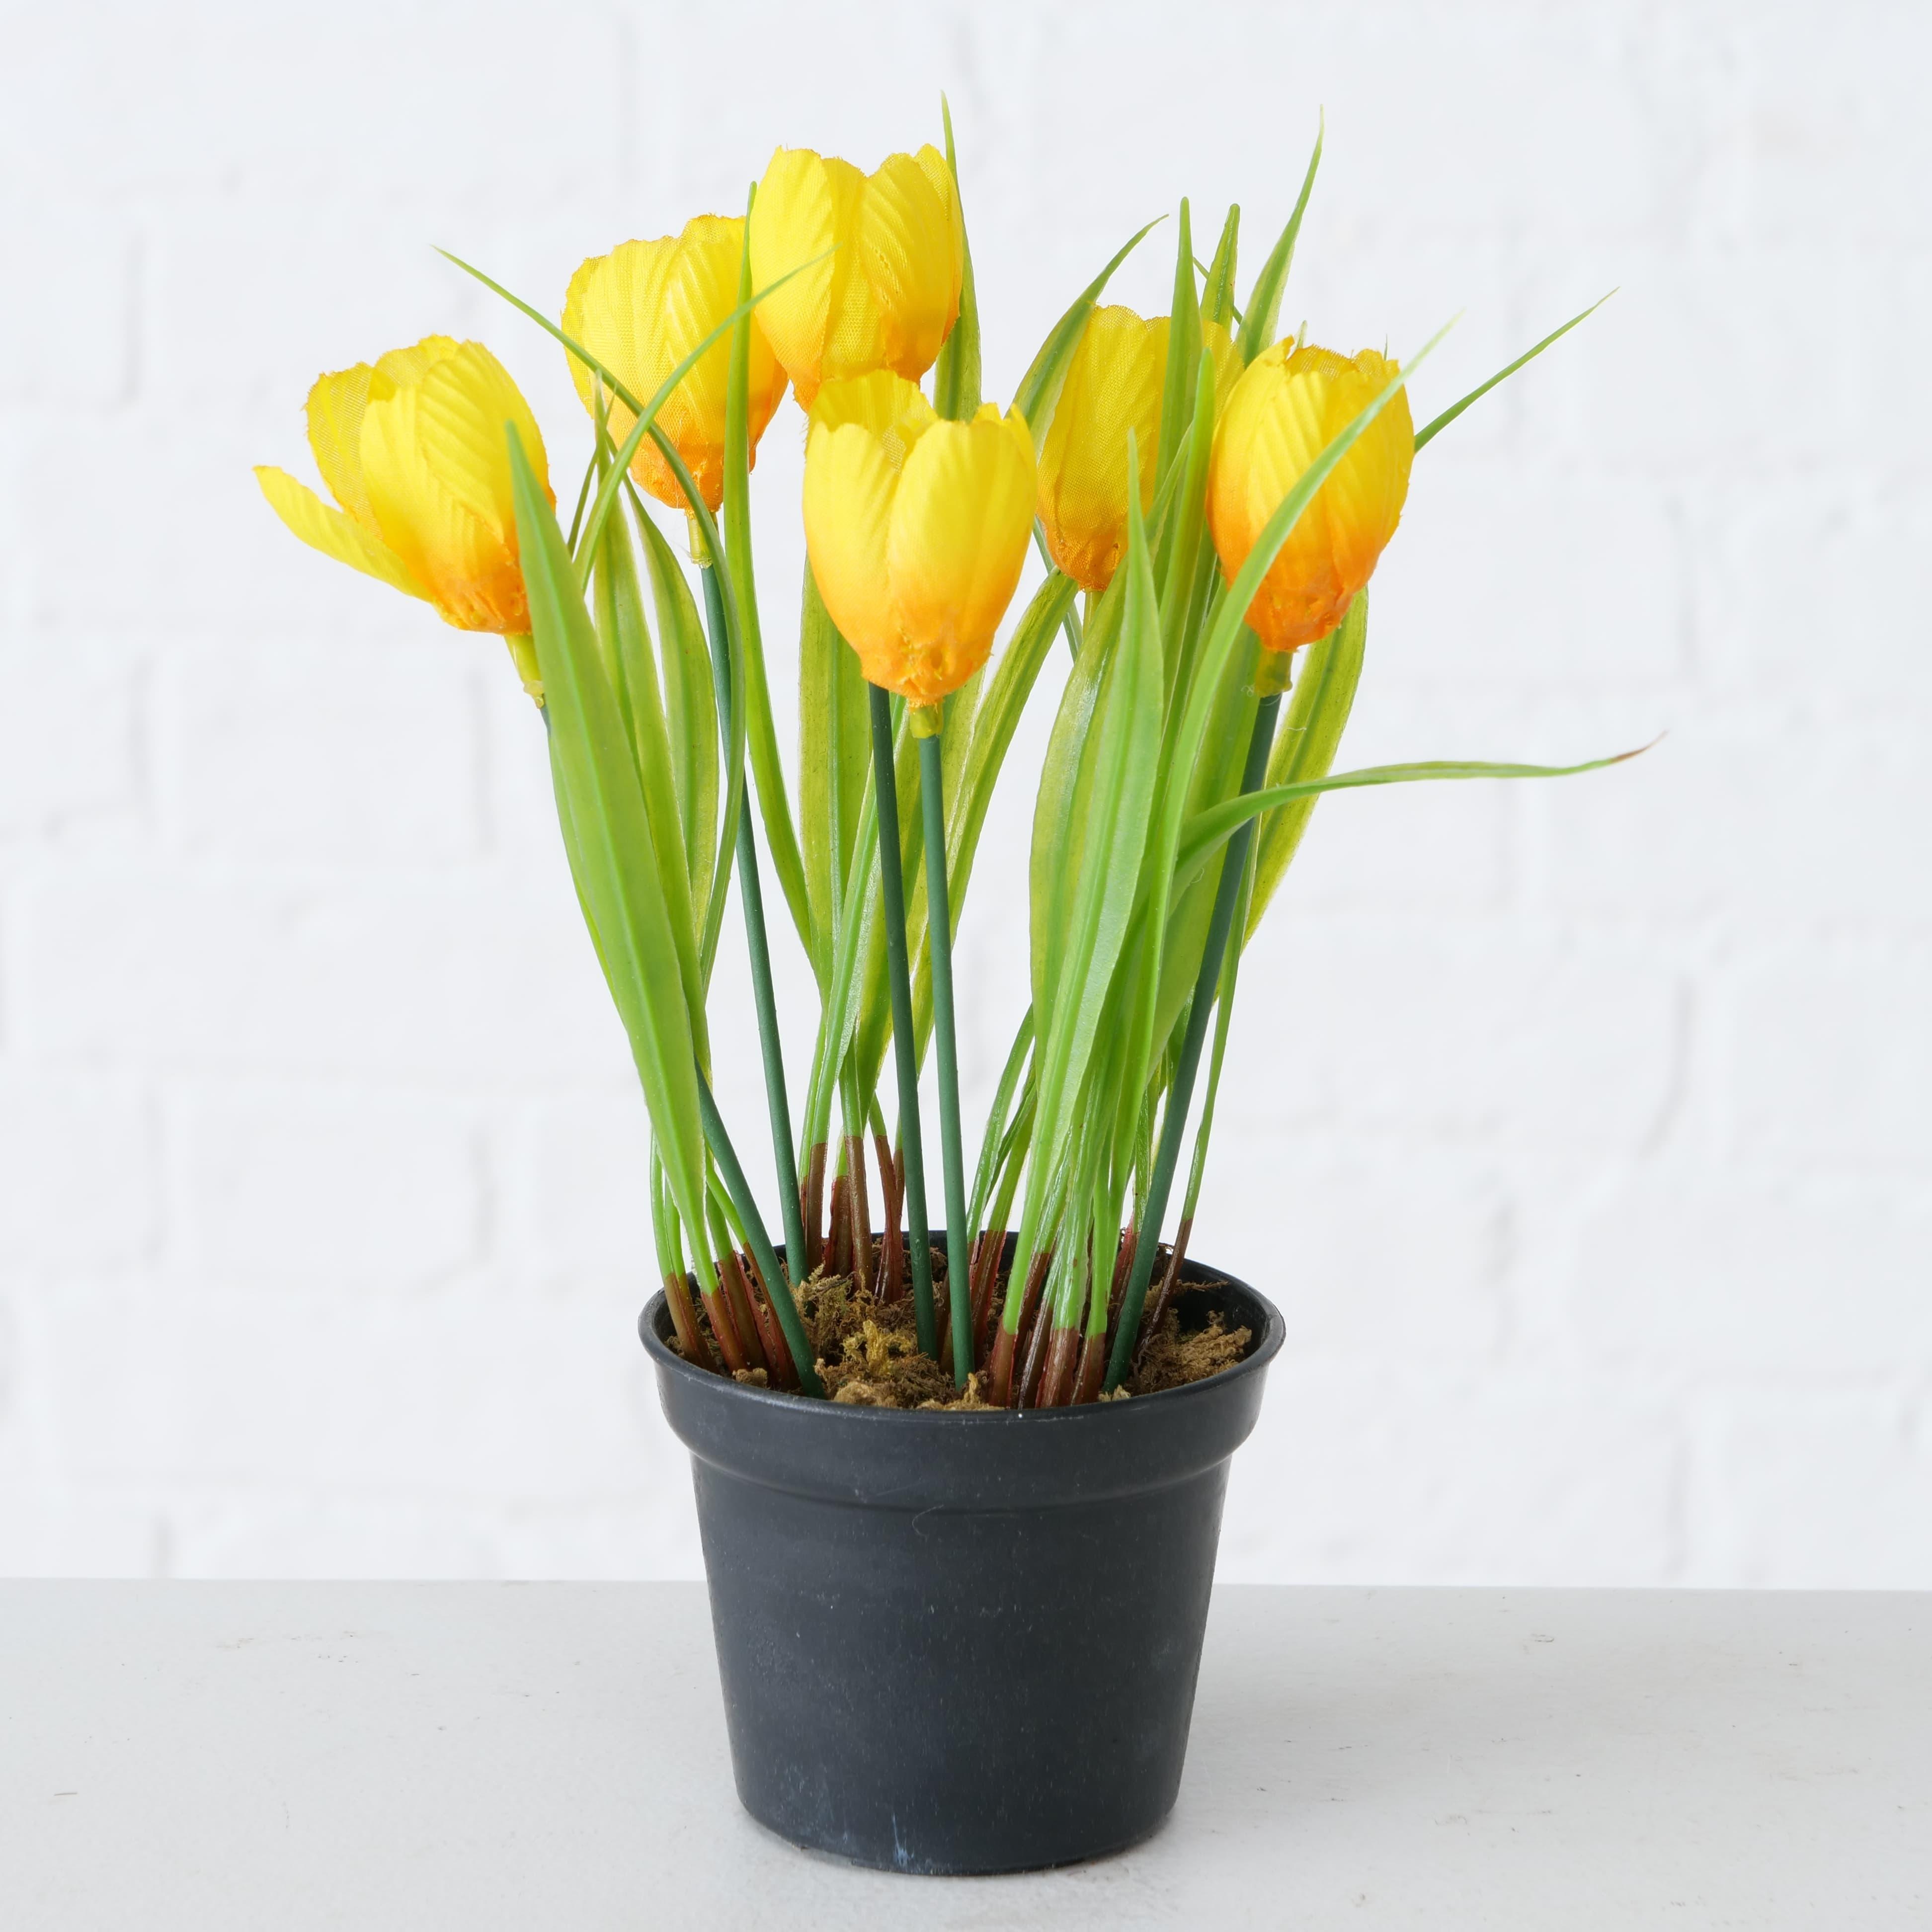 Poza Planta artificiala in ghiveci Tulip Galben / Verde, H20 cm